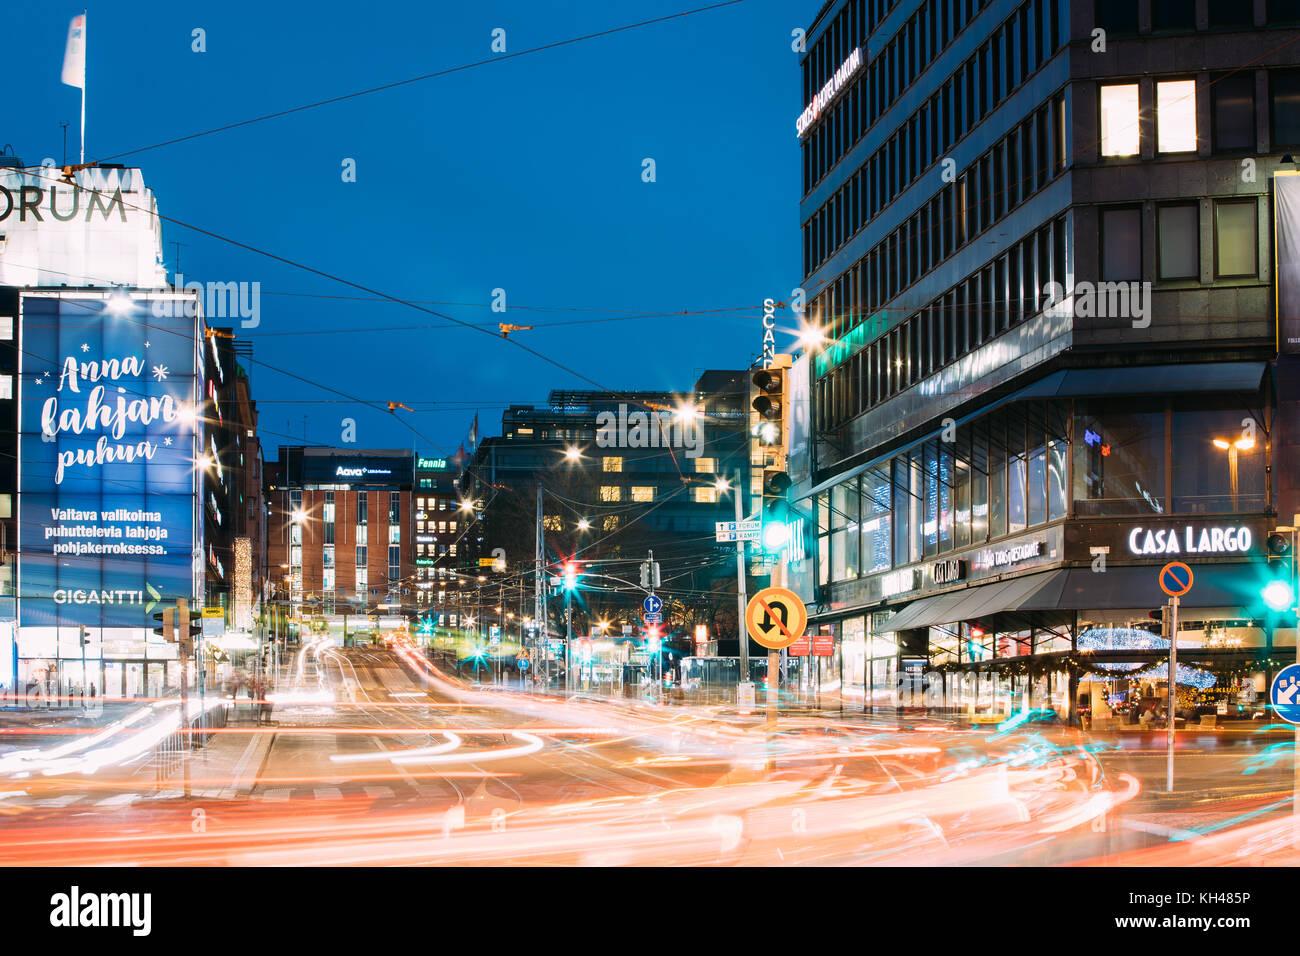 Helsinki, Finnland - 7. Dezember 2016: Nachtansicht der Ampel Wanderwege in kaivokatu Straße am Abend oder Stockbild